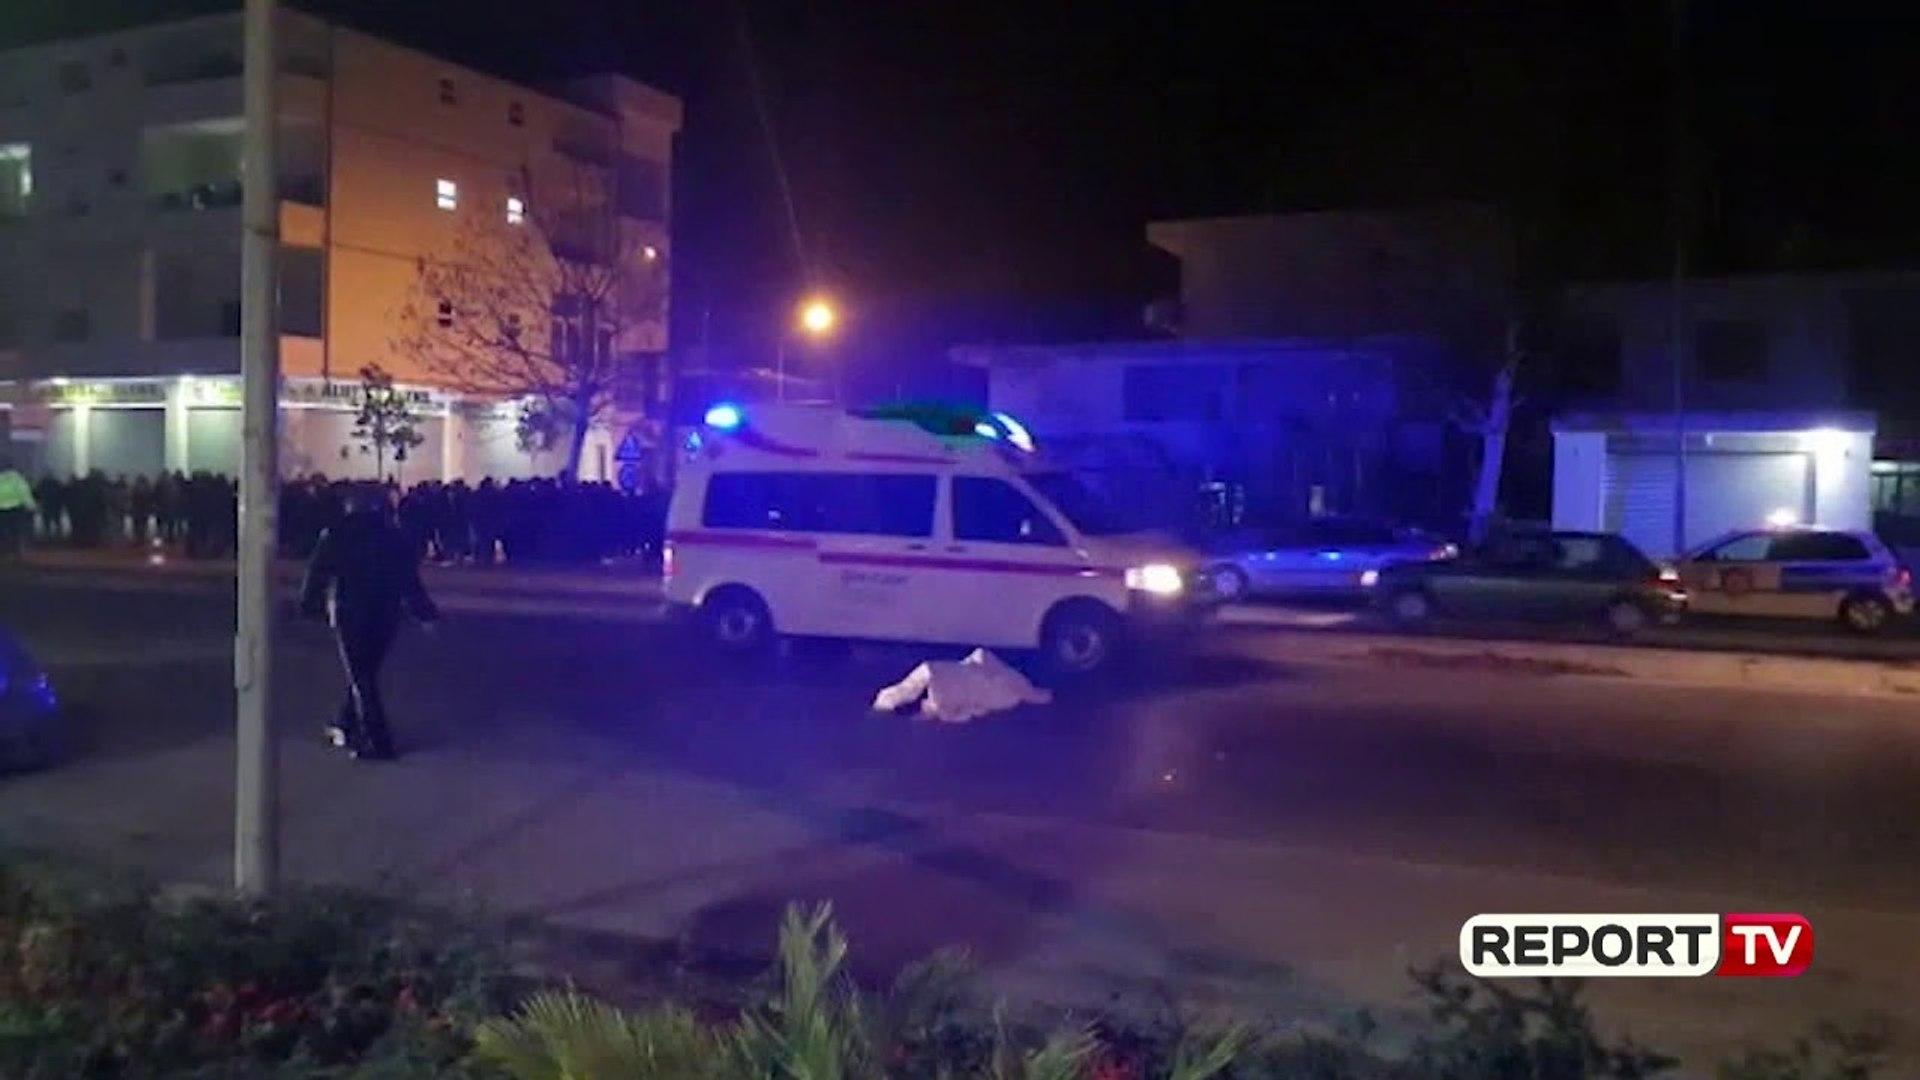 Report TV - Përplasi për vdekje vjehrrë dhe nuse në Durrës, mbetet në burg i riu 22-vjeçar